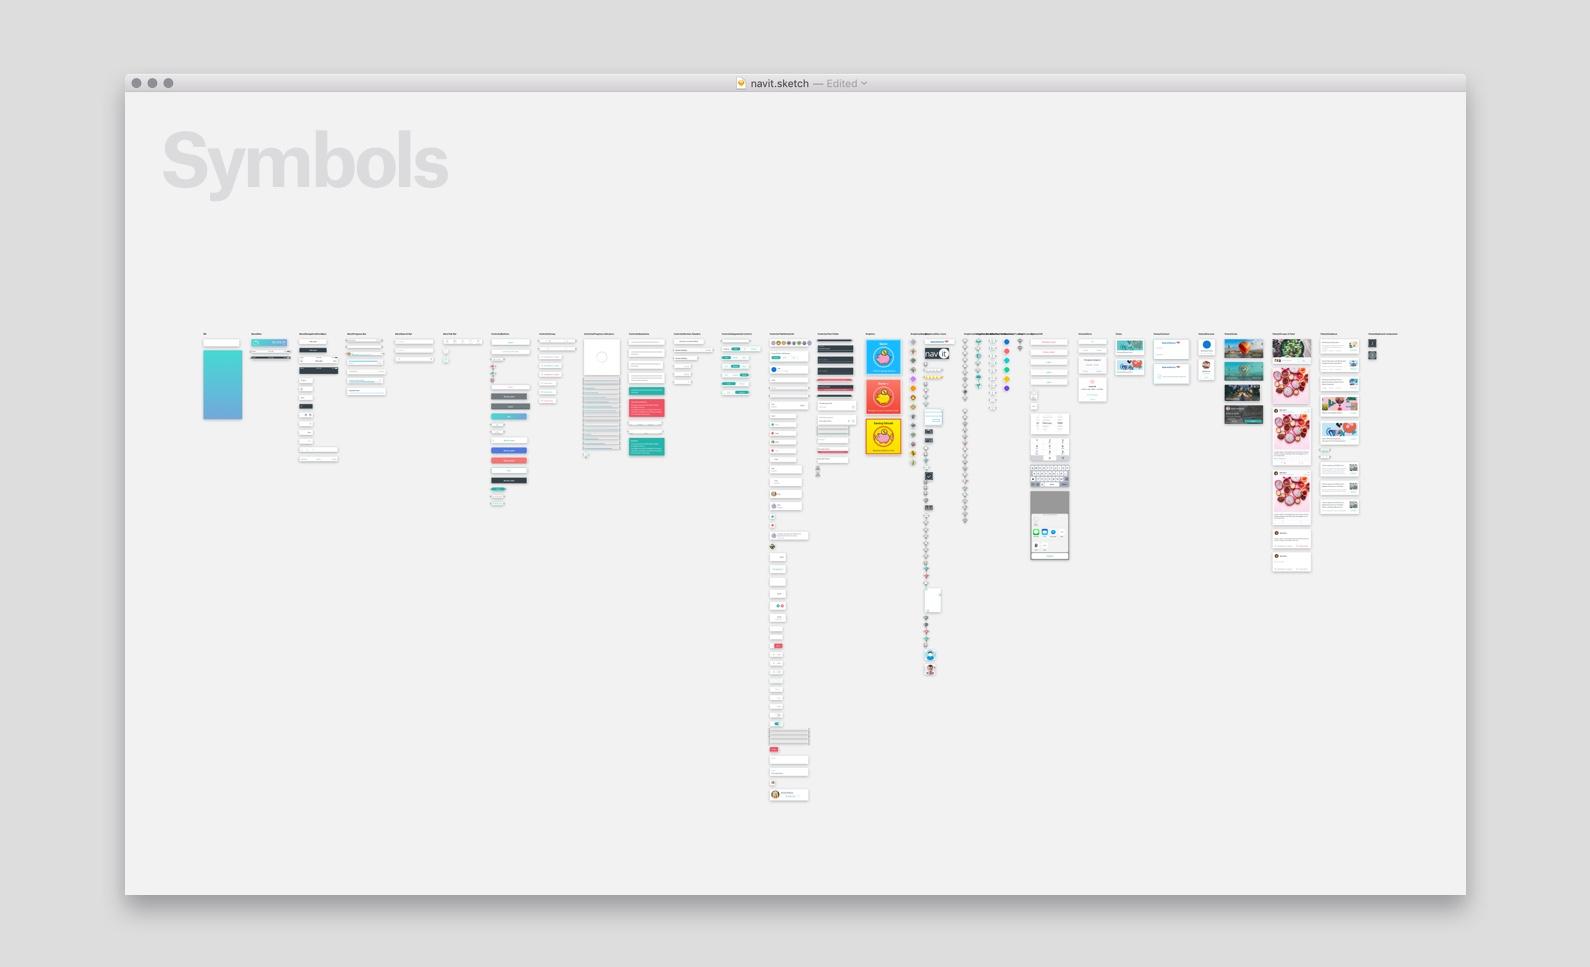 navit-components/i/symbols